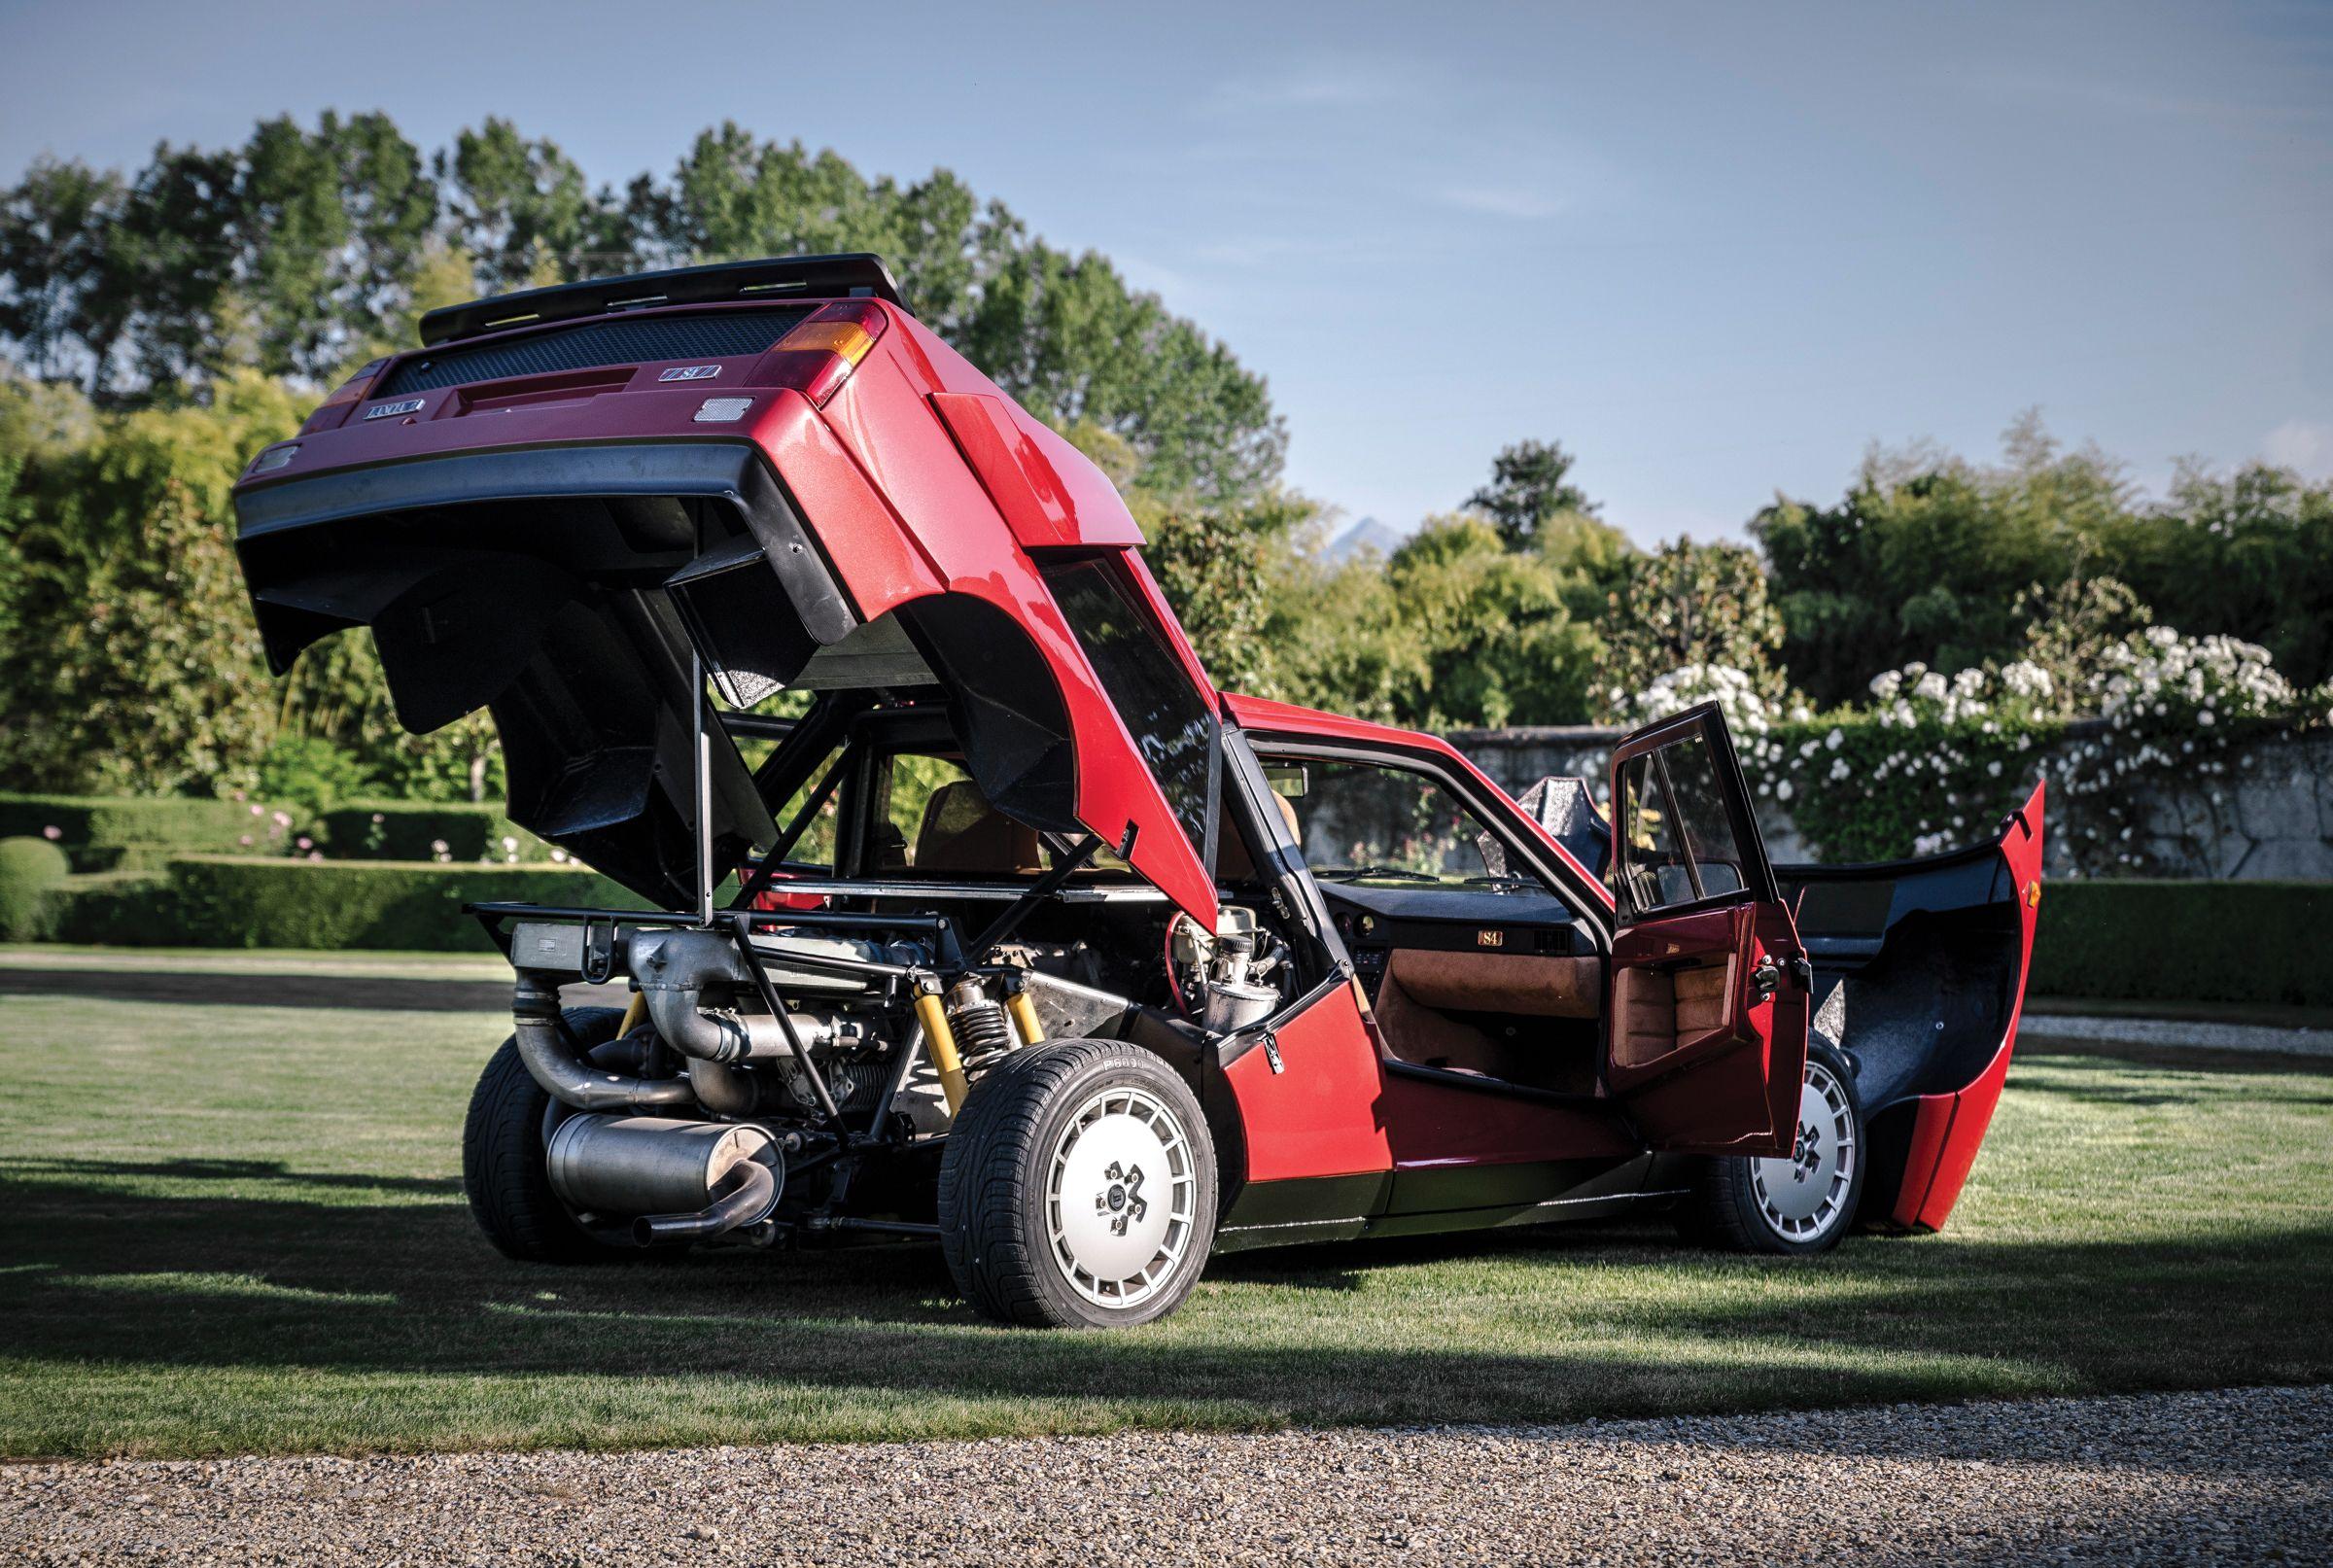 Roter Lancia Delta S4 Stradale mit offenen Türen und Hauben